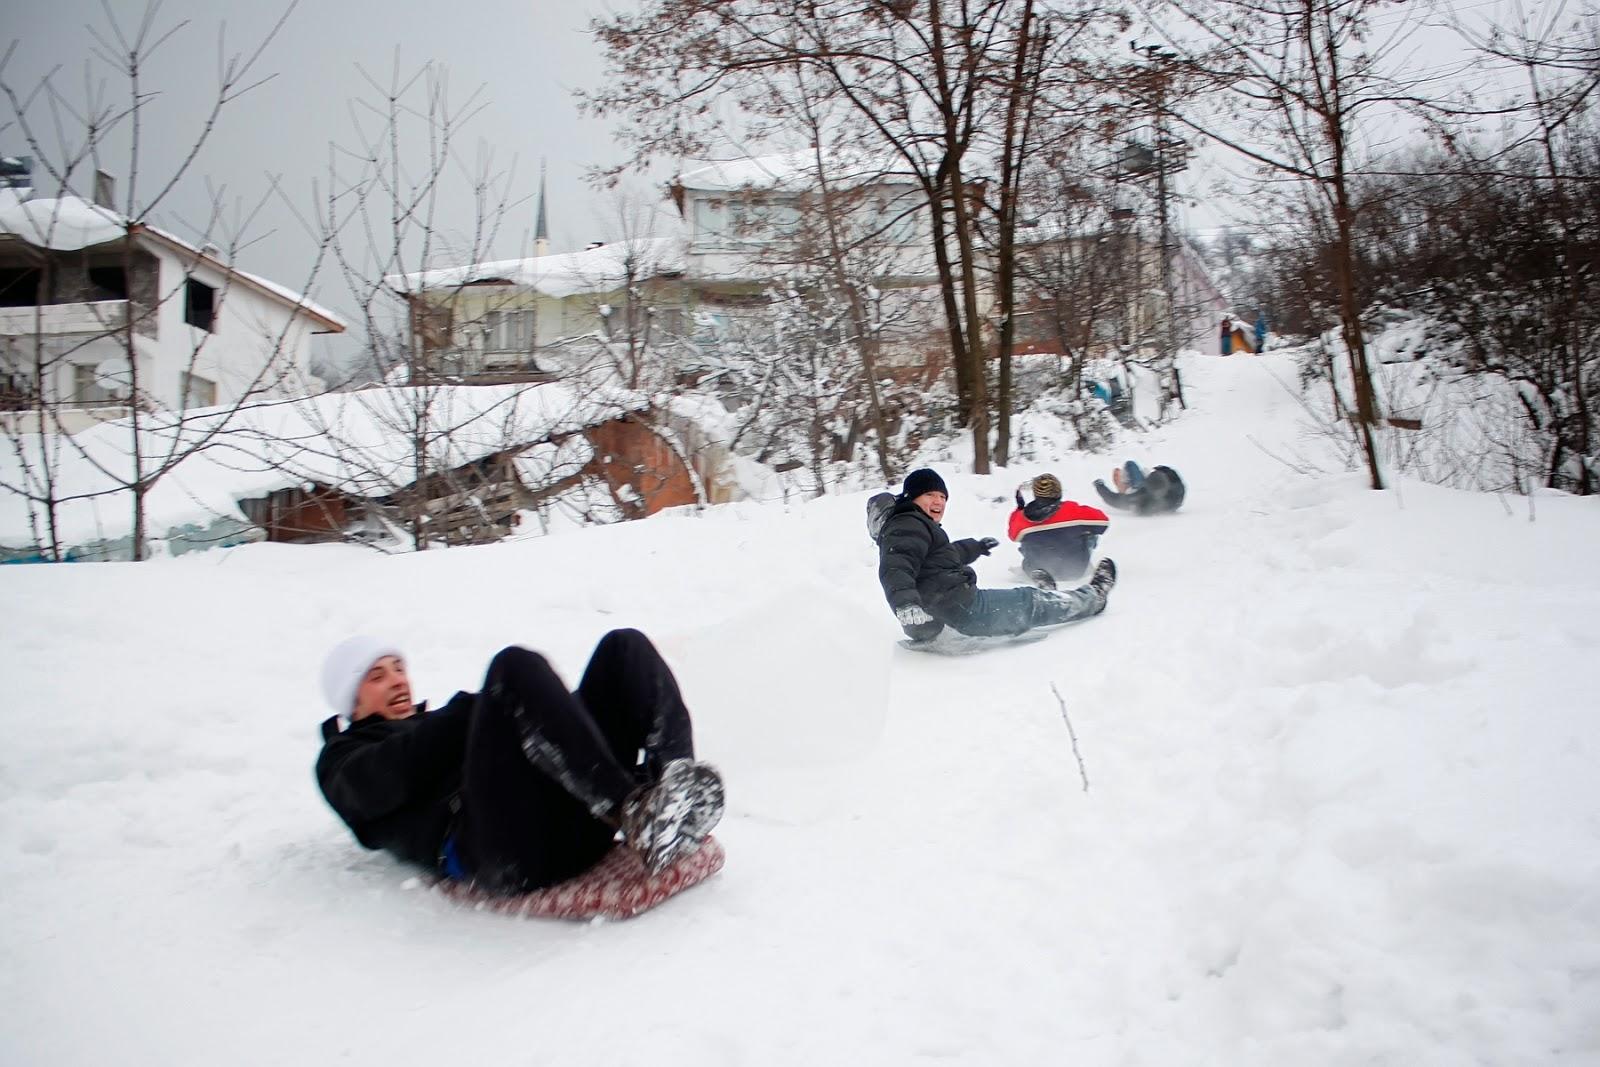 Sugören'de Kış - Karda Kayan Çocuklar-3